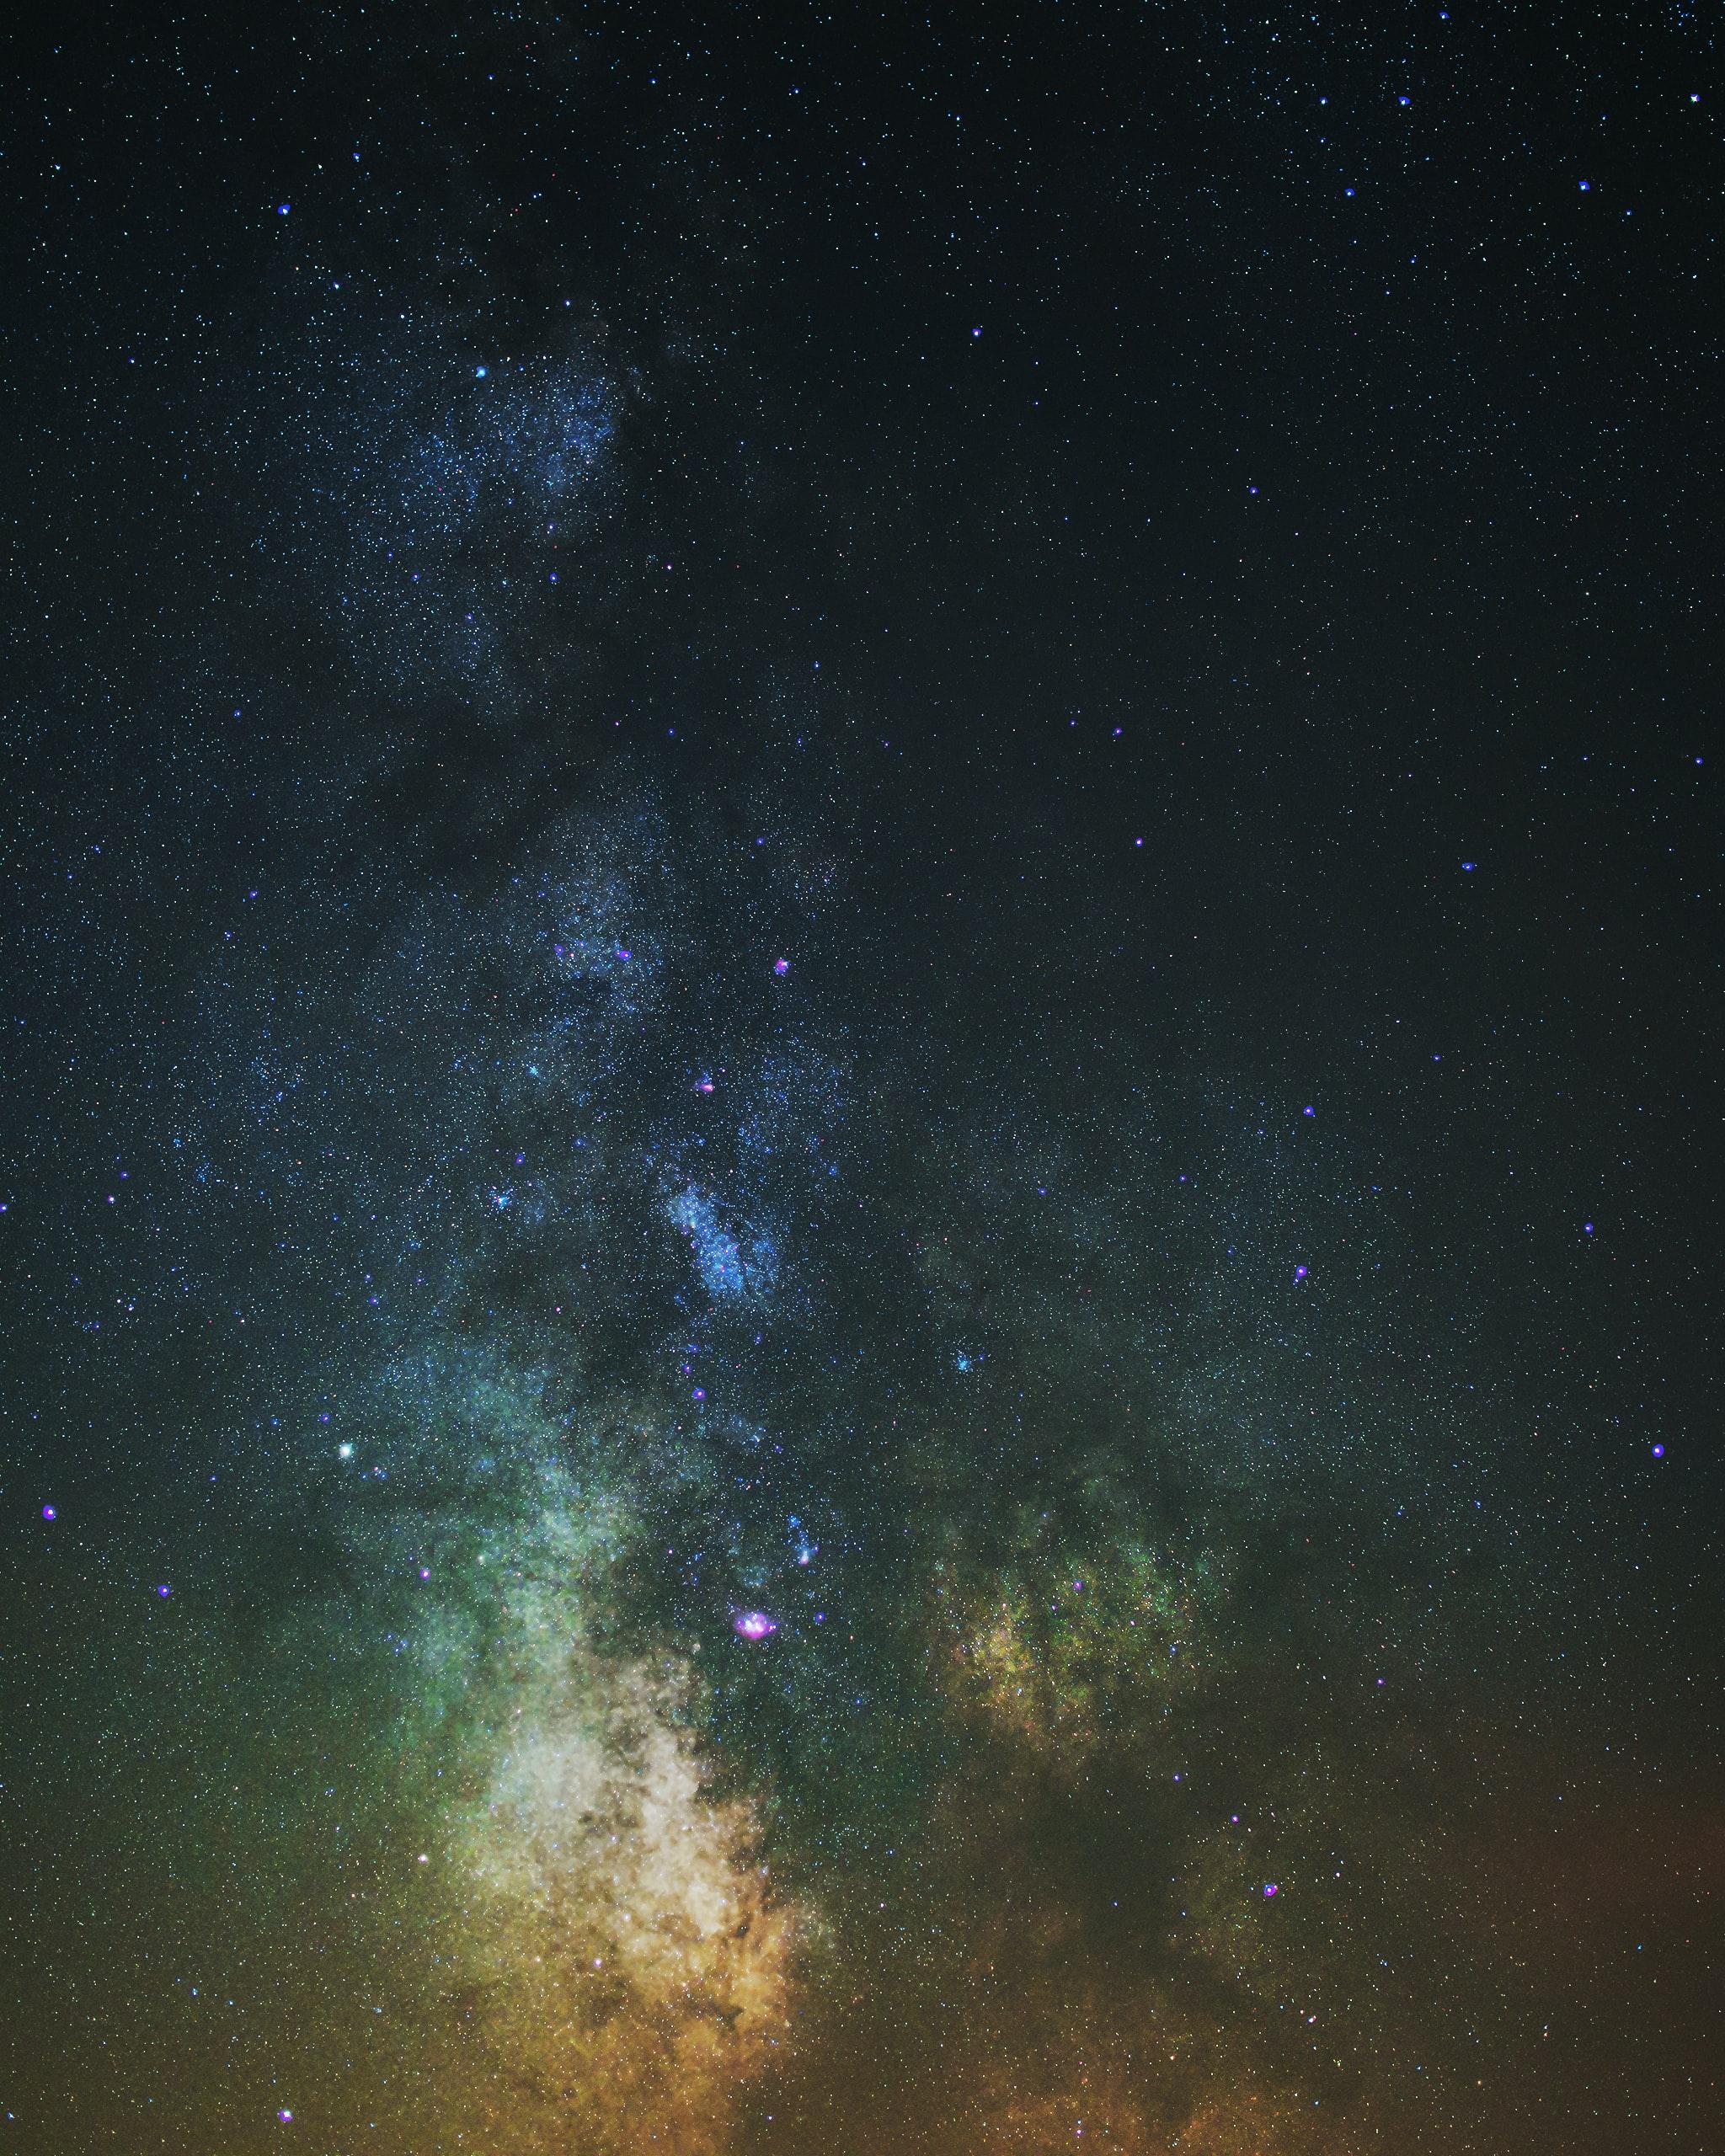 133549 скачать обои Туманность, Галактика, Разноцветный, Звезды, Космос - заставки и картинки бесплатно